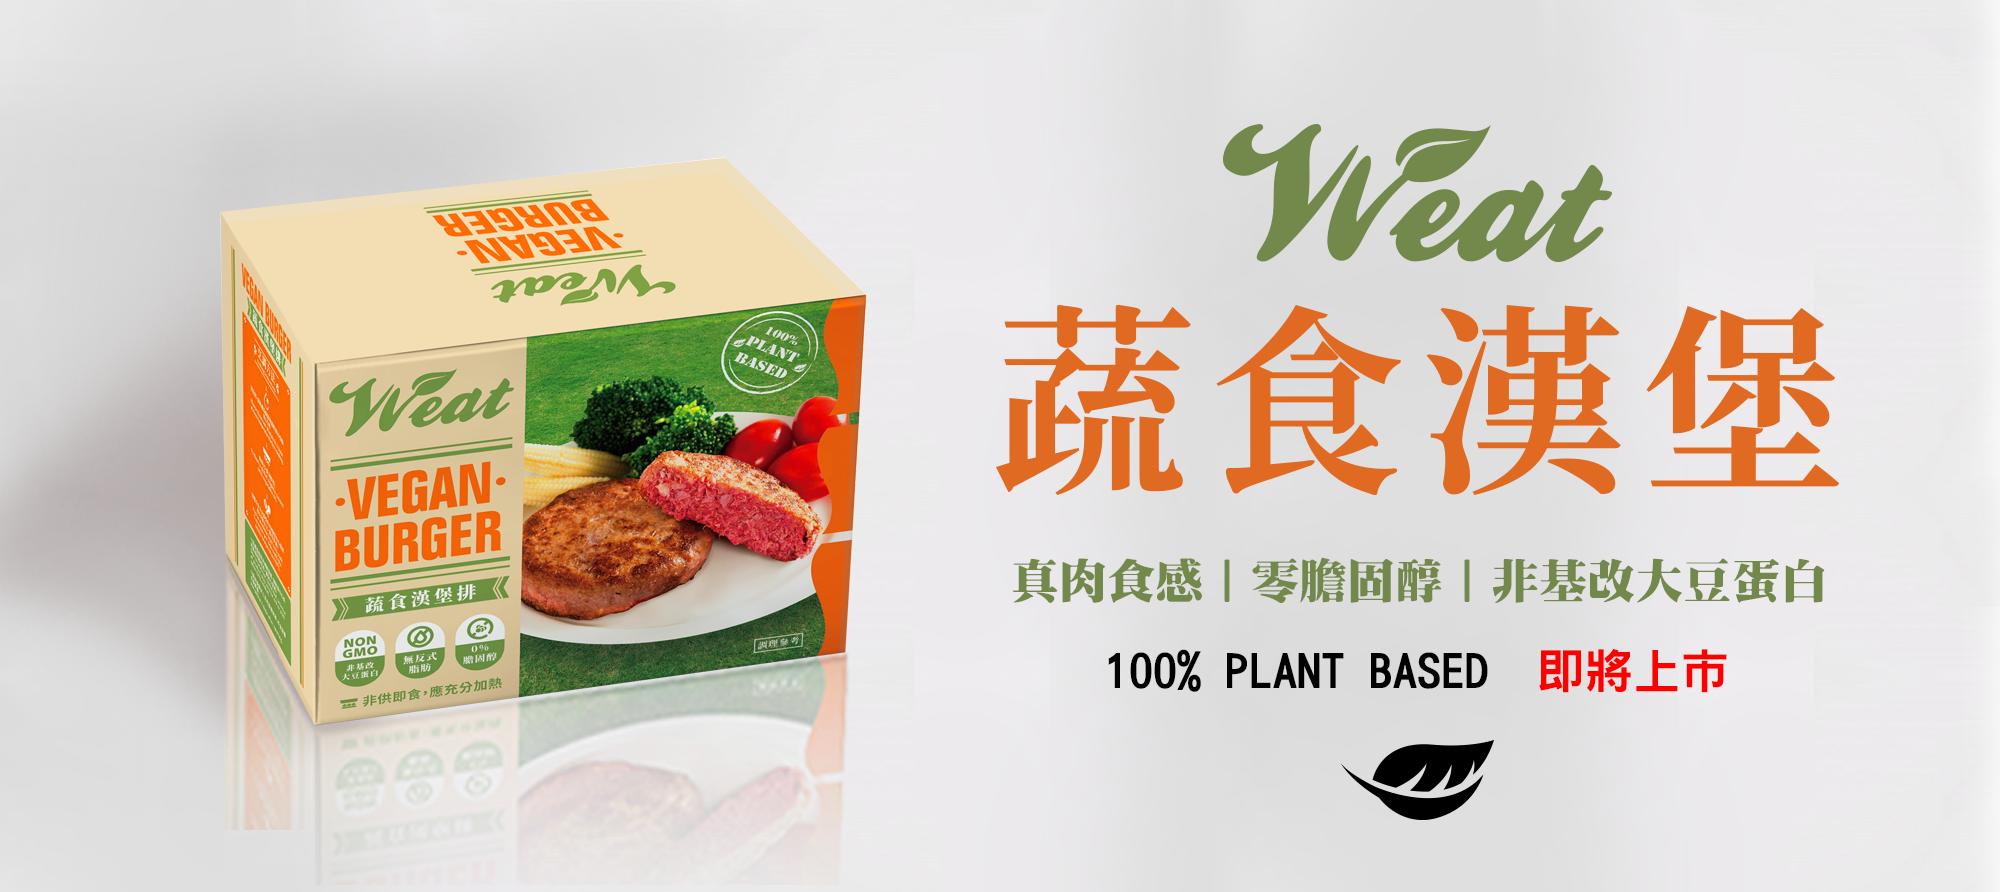 植物肉,未來肉,素肉,Beyond Meat